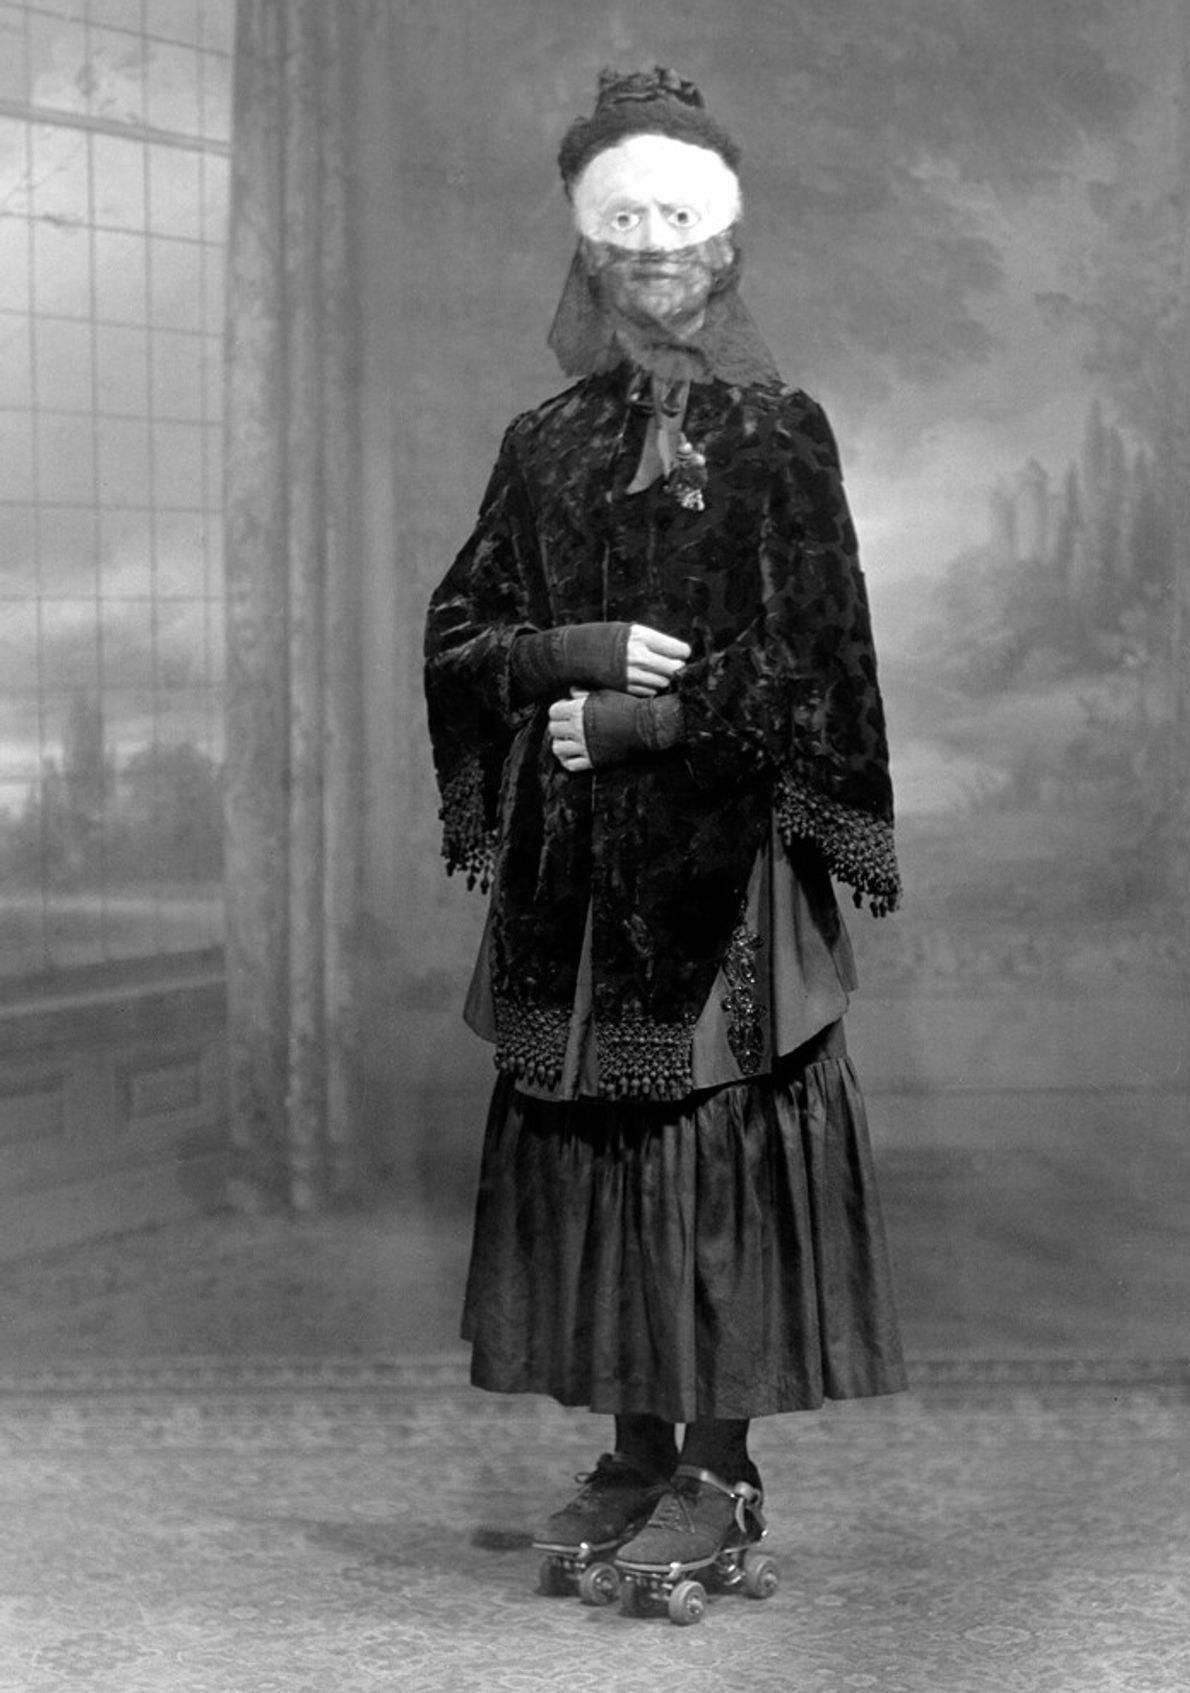 Vestida para o Halloween: uma mulher mascarada posa de patins em 1910. O adereço nos pés é ...